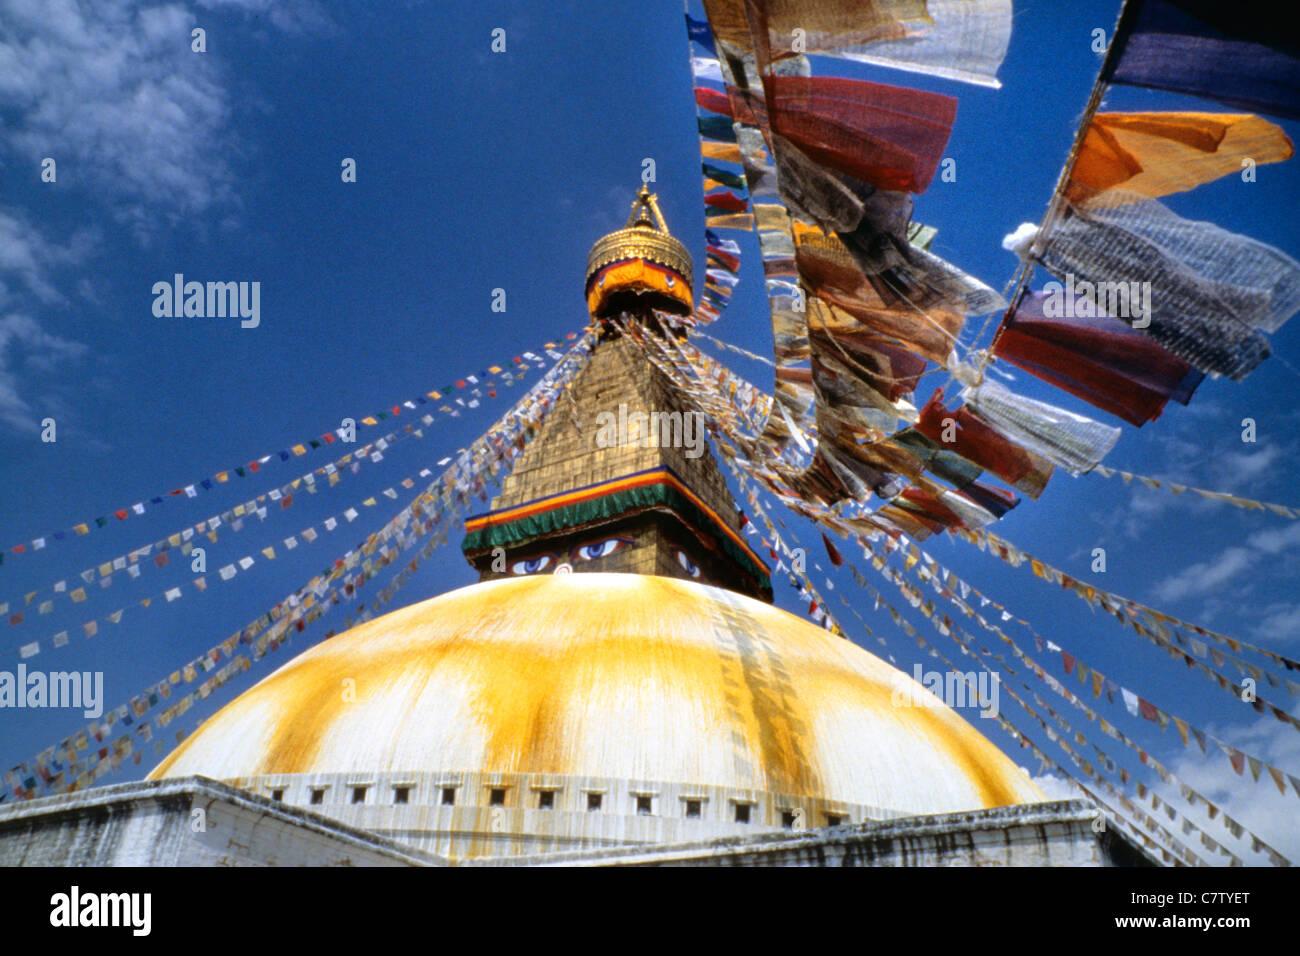 Nepal, Katmandu, Boudhanath Stupa - Stock Image